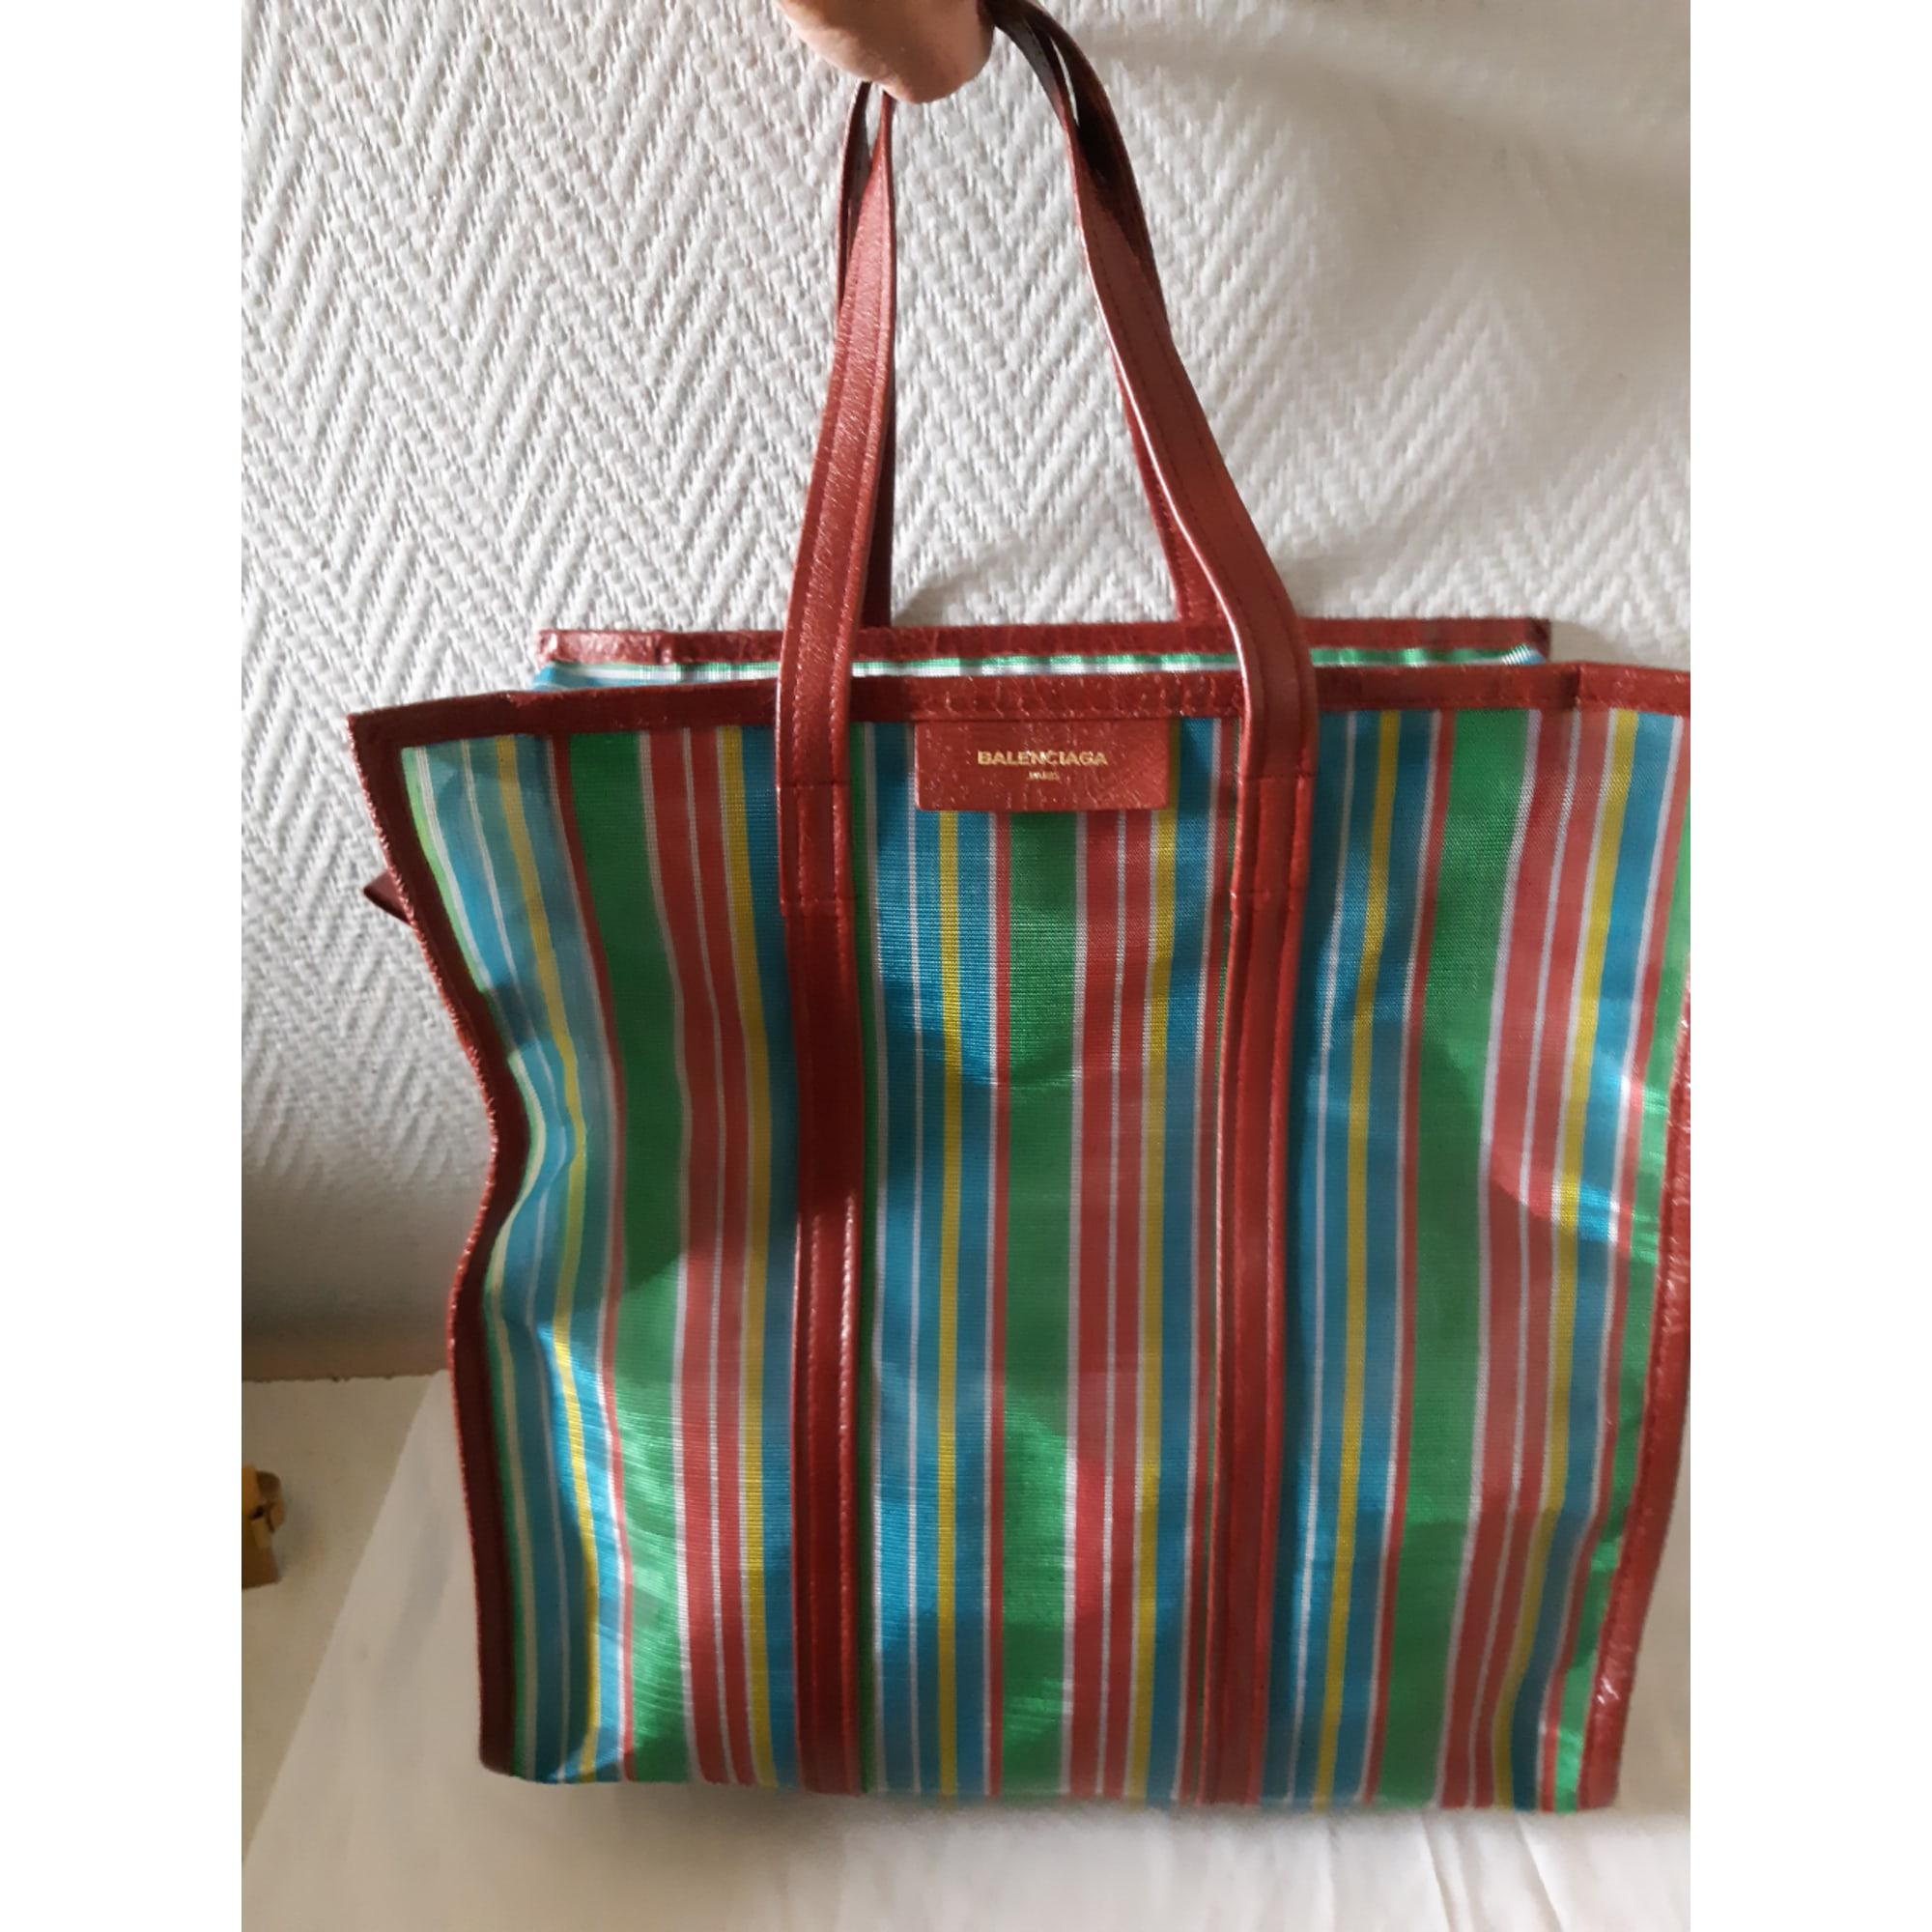 Sac XL en tissu BALENCIAGA Bazar Rouge, bordeaux